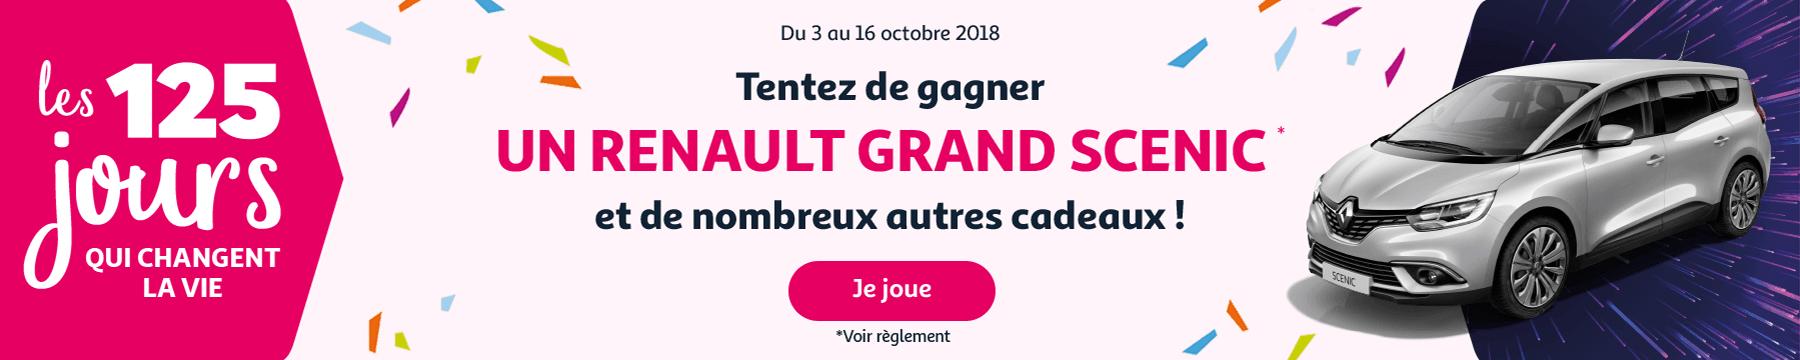 Grand Jeu Auchan - Gagnez un Renault Grand Scenic et de nombreux autres cadeaux